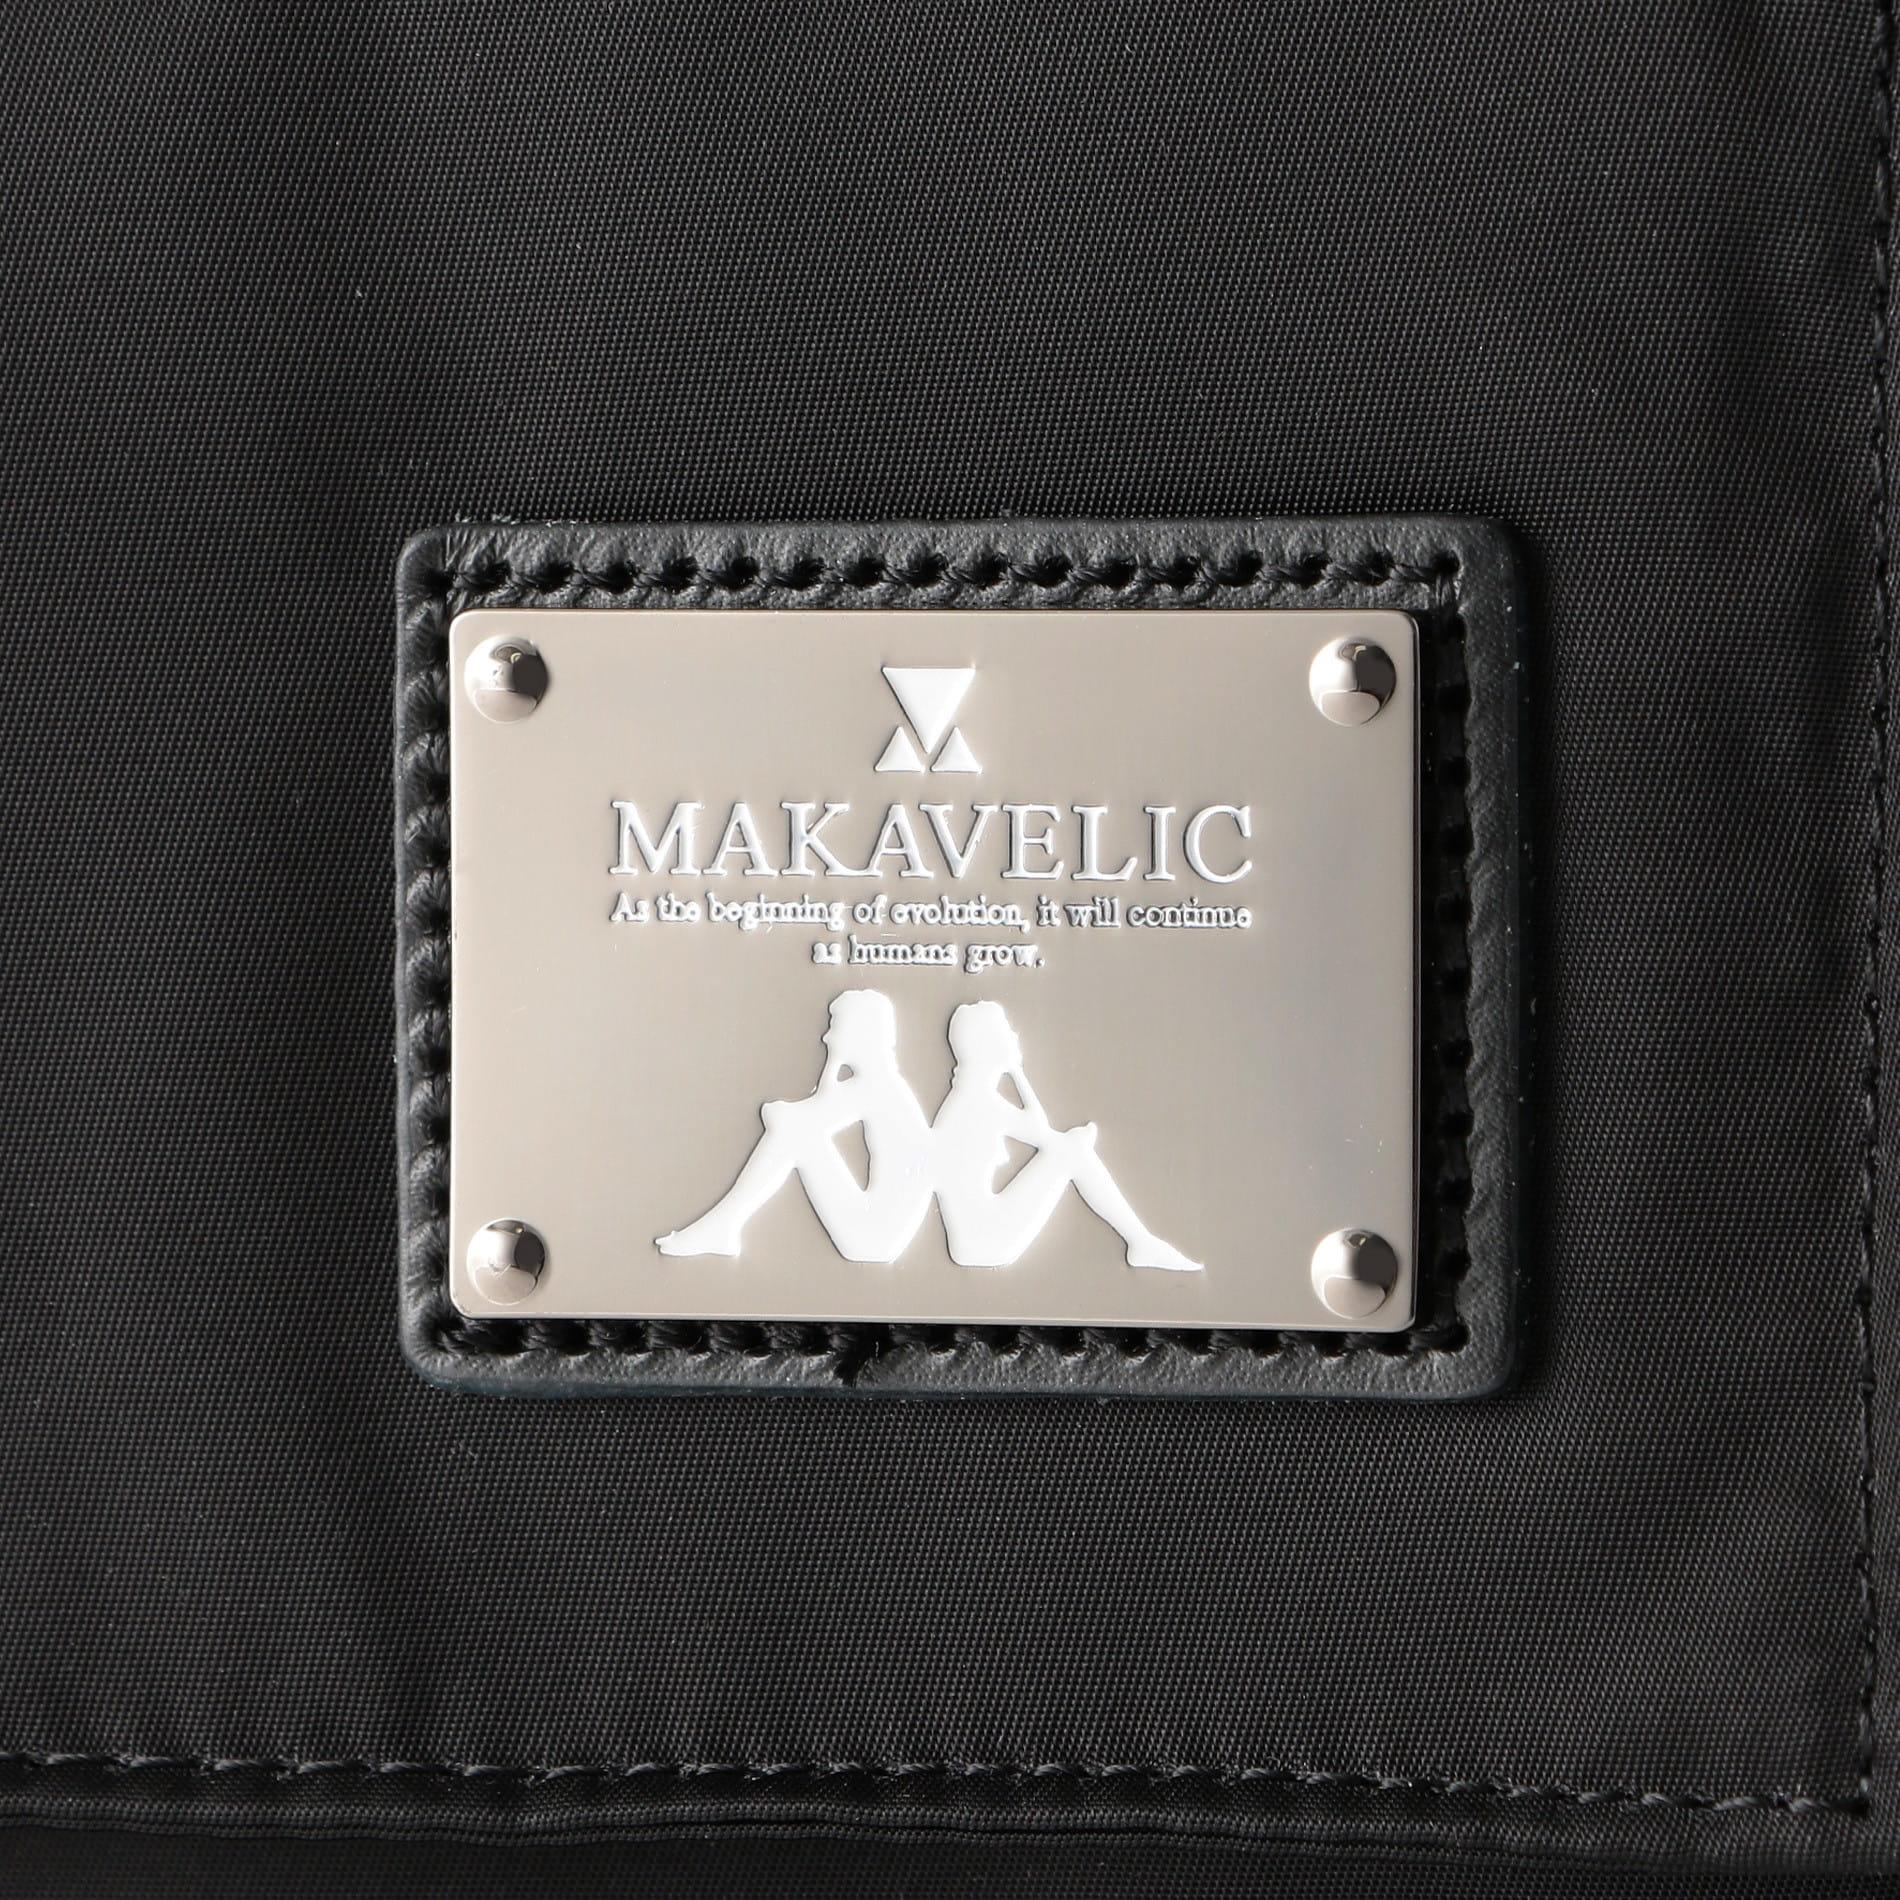 【MAKAVELIC×Kappa】MEN サコッシュ KL918BA04